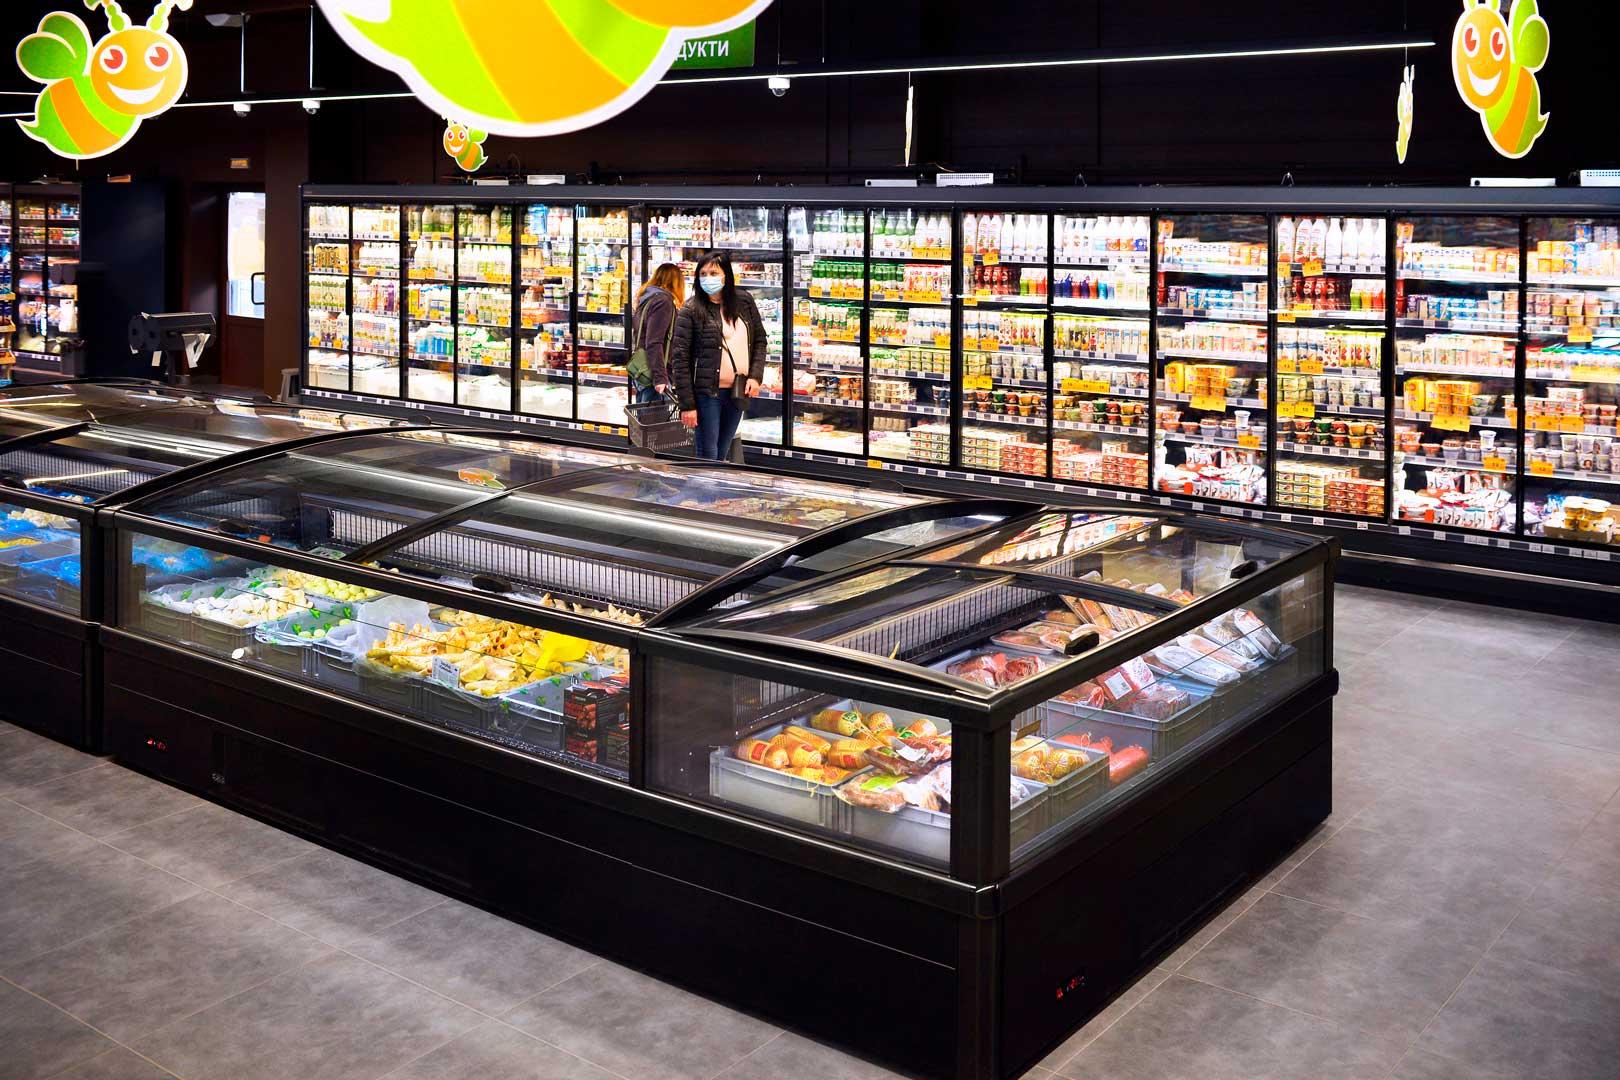 """Вітрина для заморожених продуктів Yukon AH 200 LT C 100-SLA, супермаркет """"Пчелка-маркет"""""""